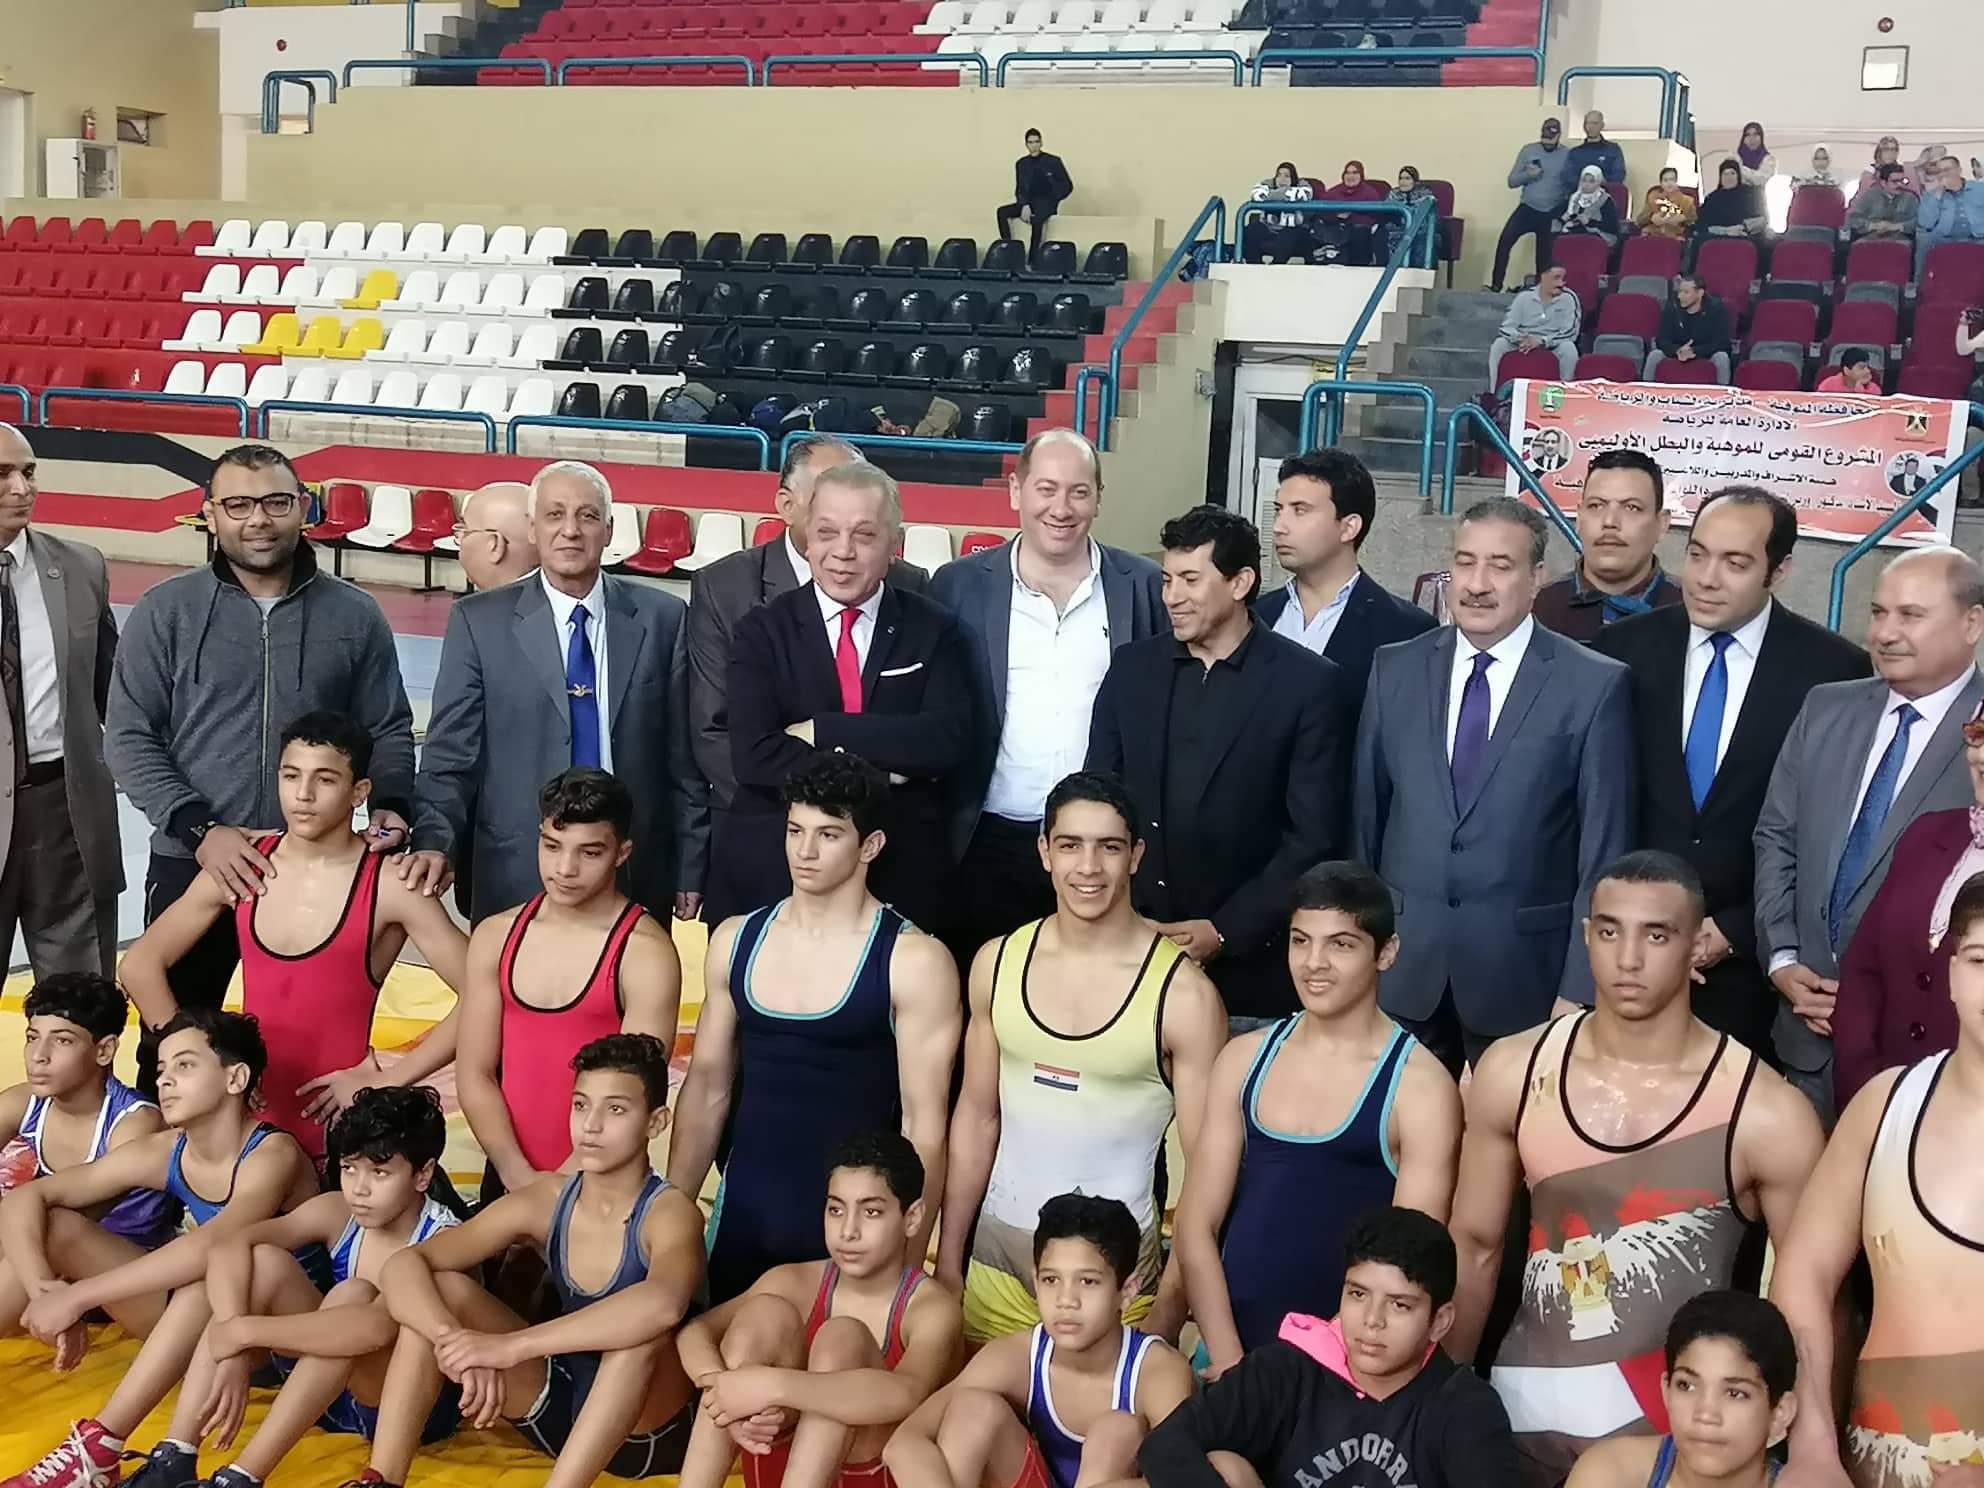 وزير الشباب يتابع عروض الجودو والمصارعة (4)